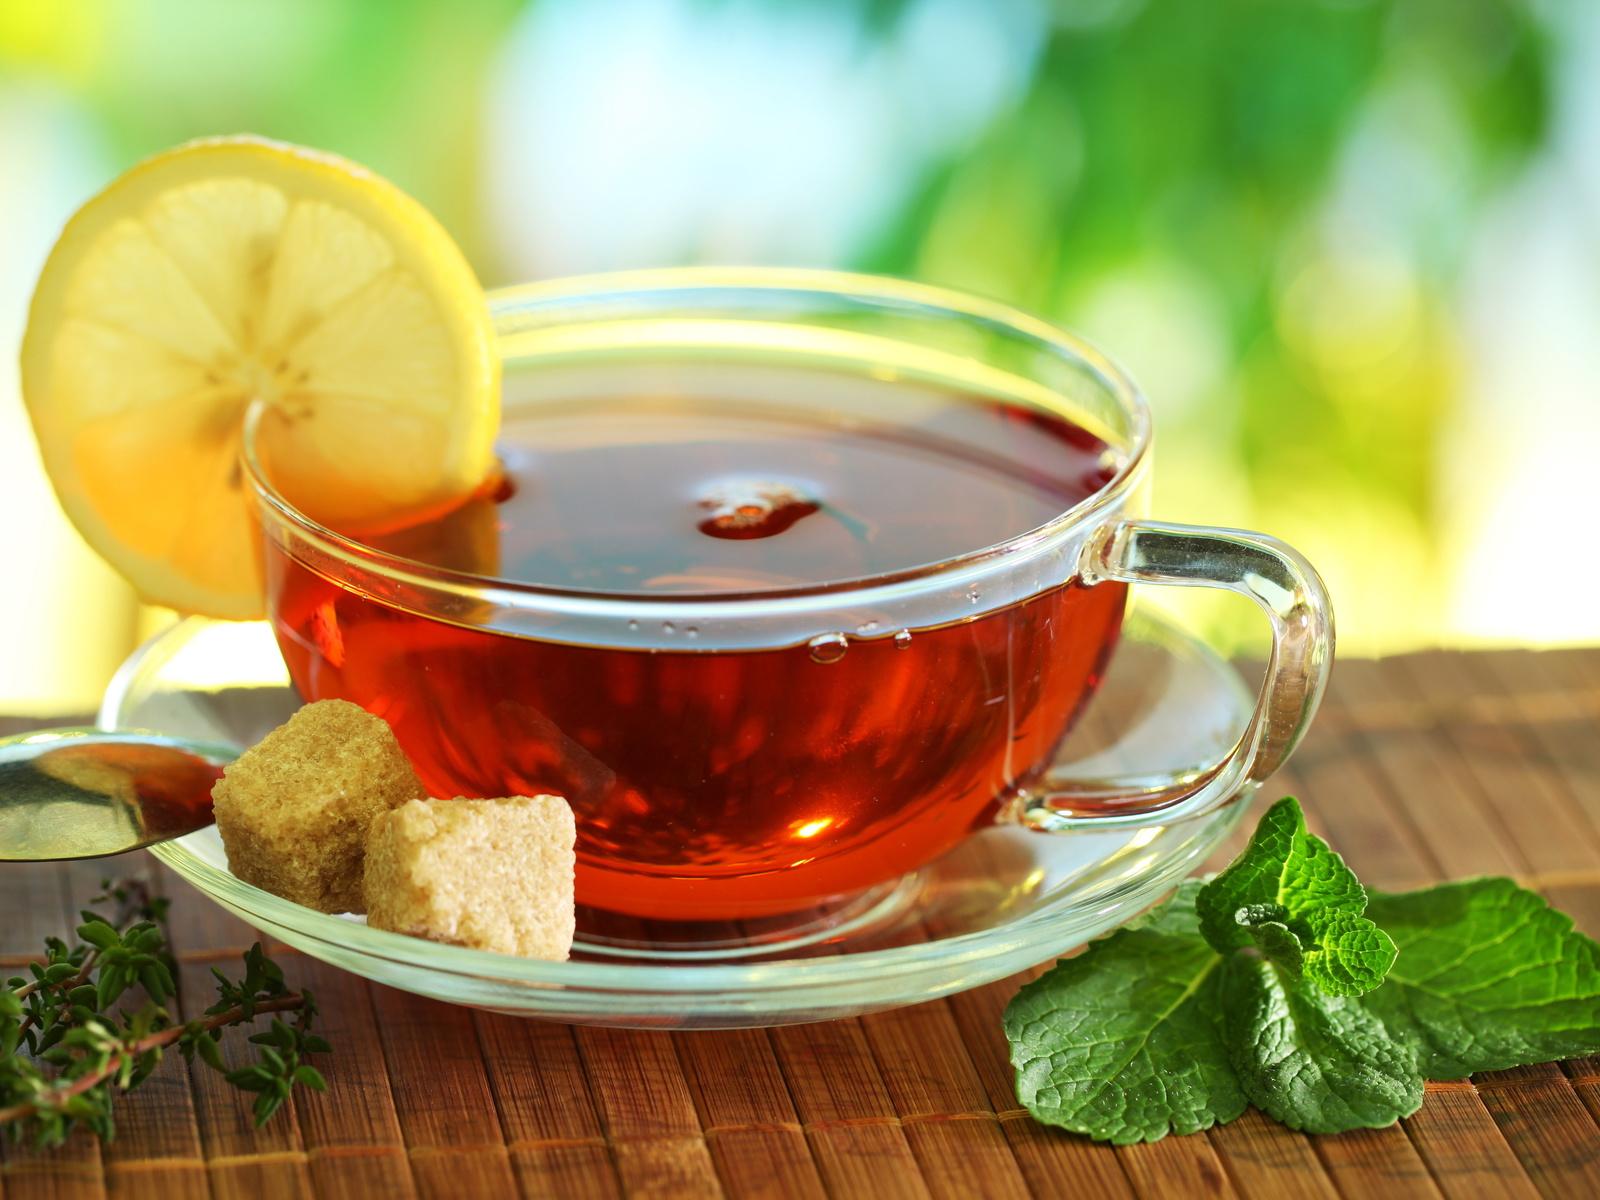 лимон, циновка, Чай, мята, сахар, ложка, блюдце, чашка